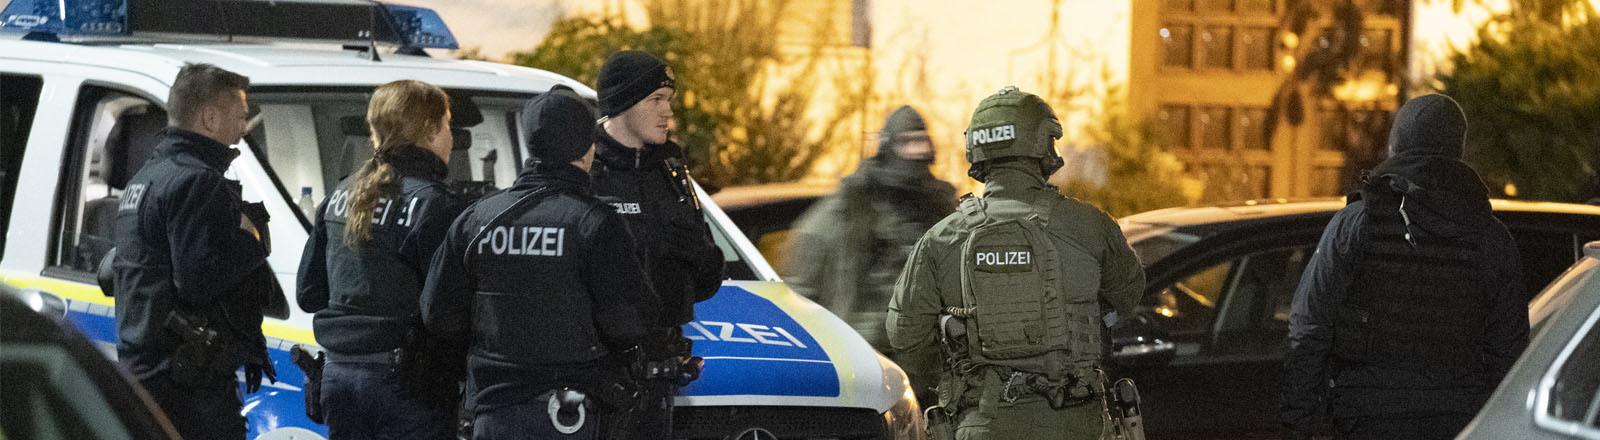 Polizei in Hanau nach den tödlichen Schüssen am 20.02.2020.